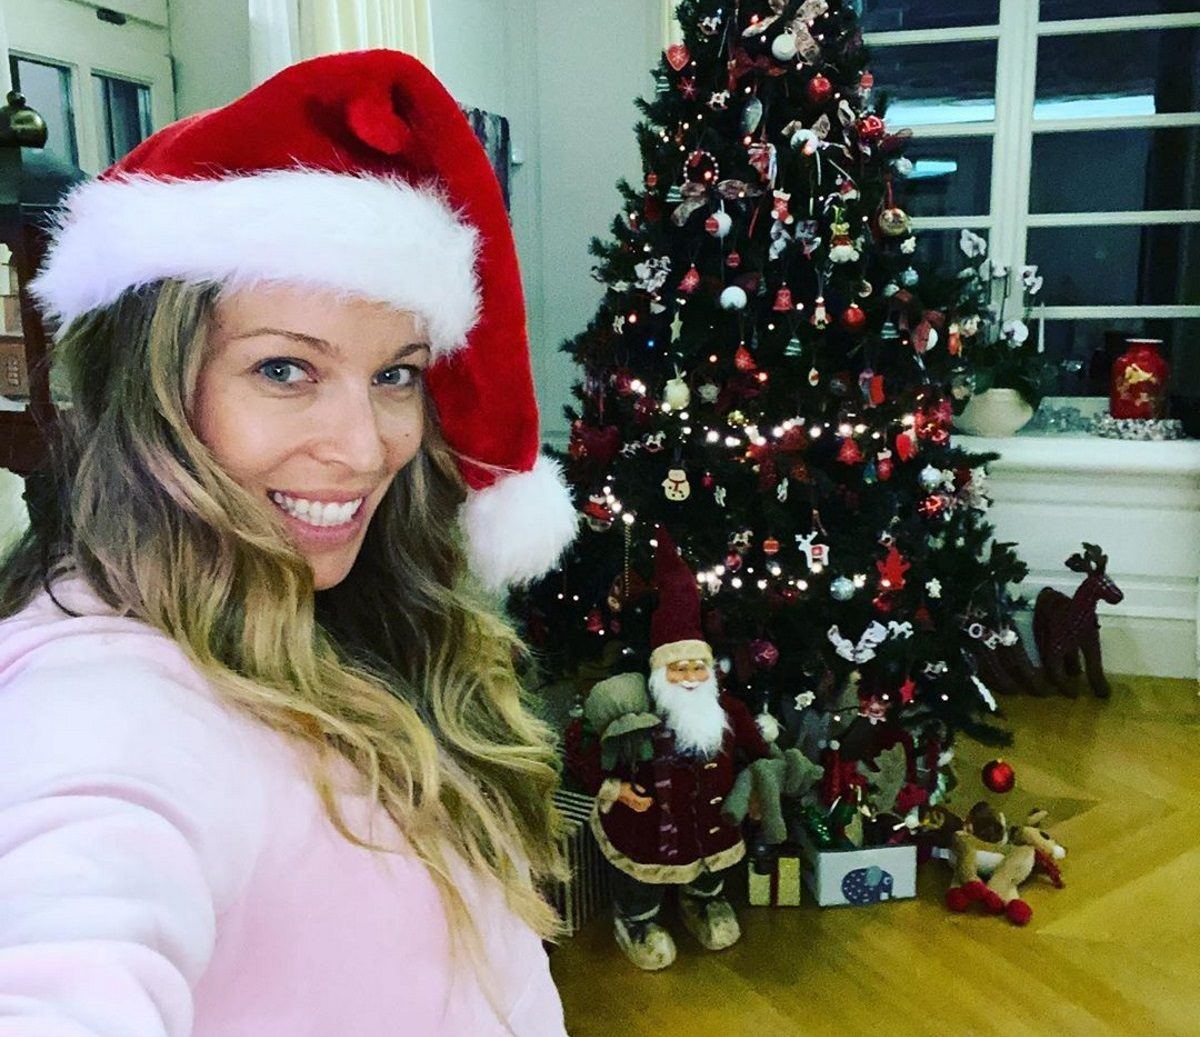 Μαριέττα Χρουσαλά: Μπήκε σε Christmas mood! Το εντυπωσιακό χριστουγεννιάτικο δέντρο της [pics] | tlife.gr